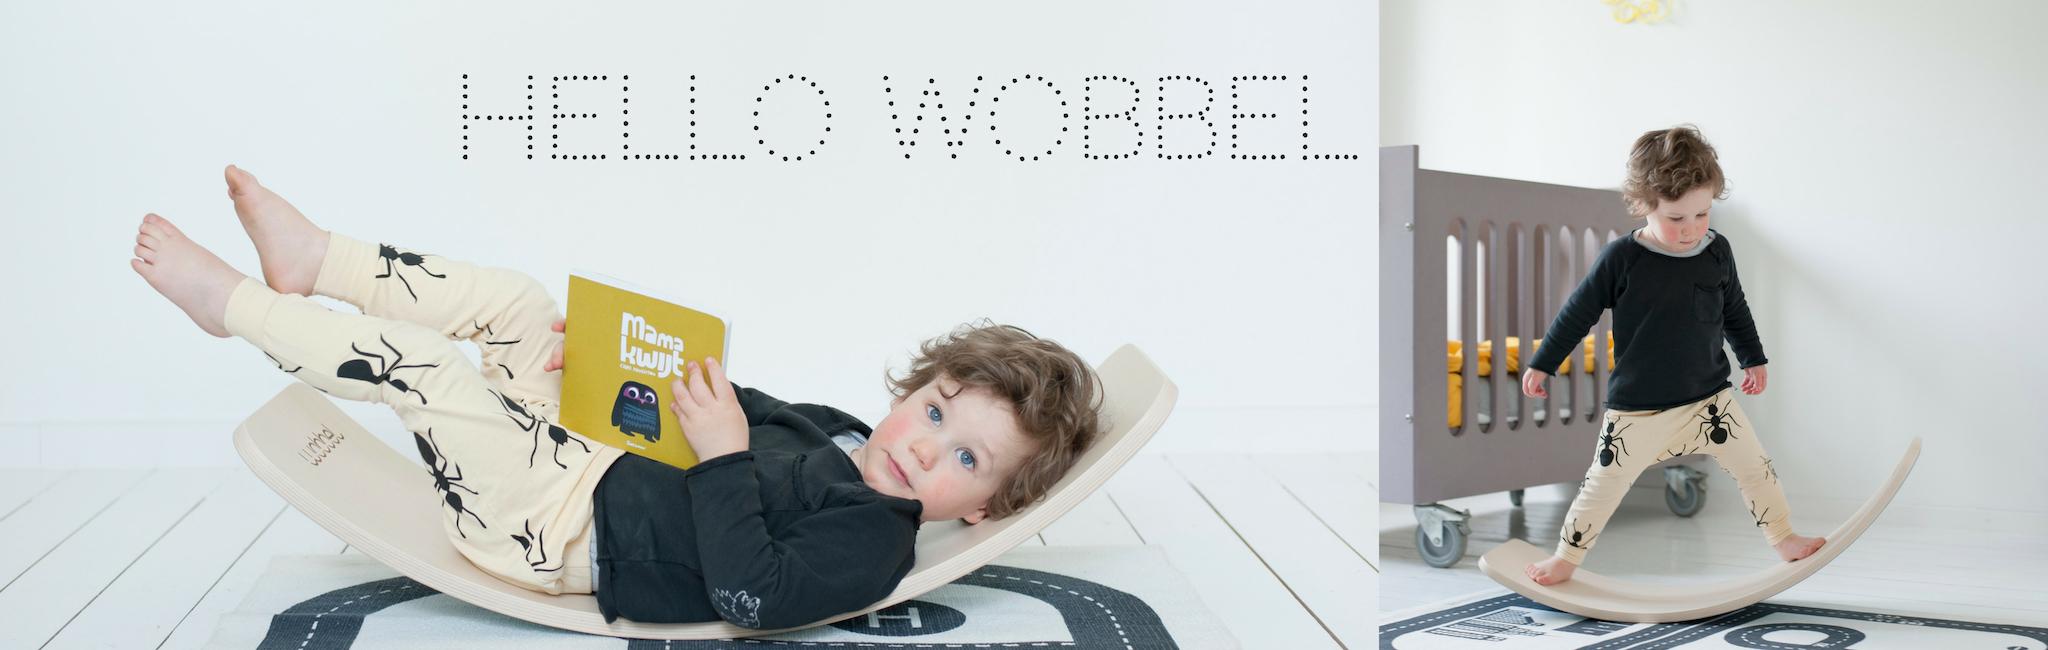 homepage banner wobbel